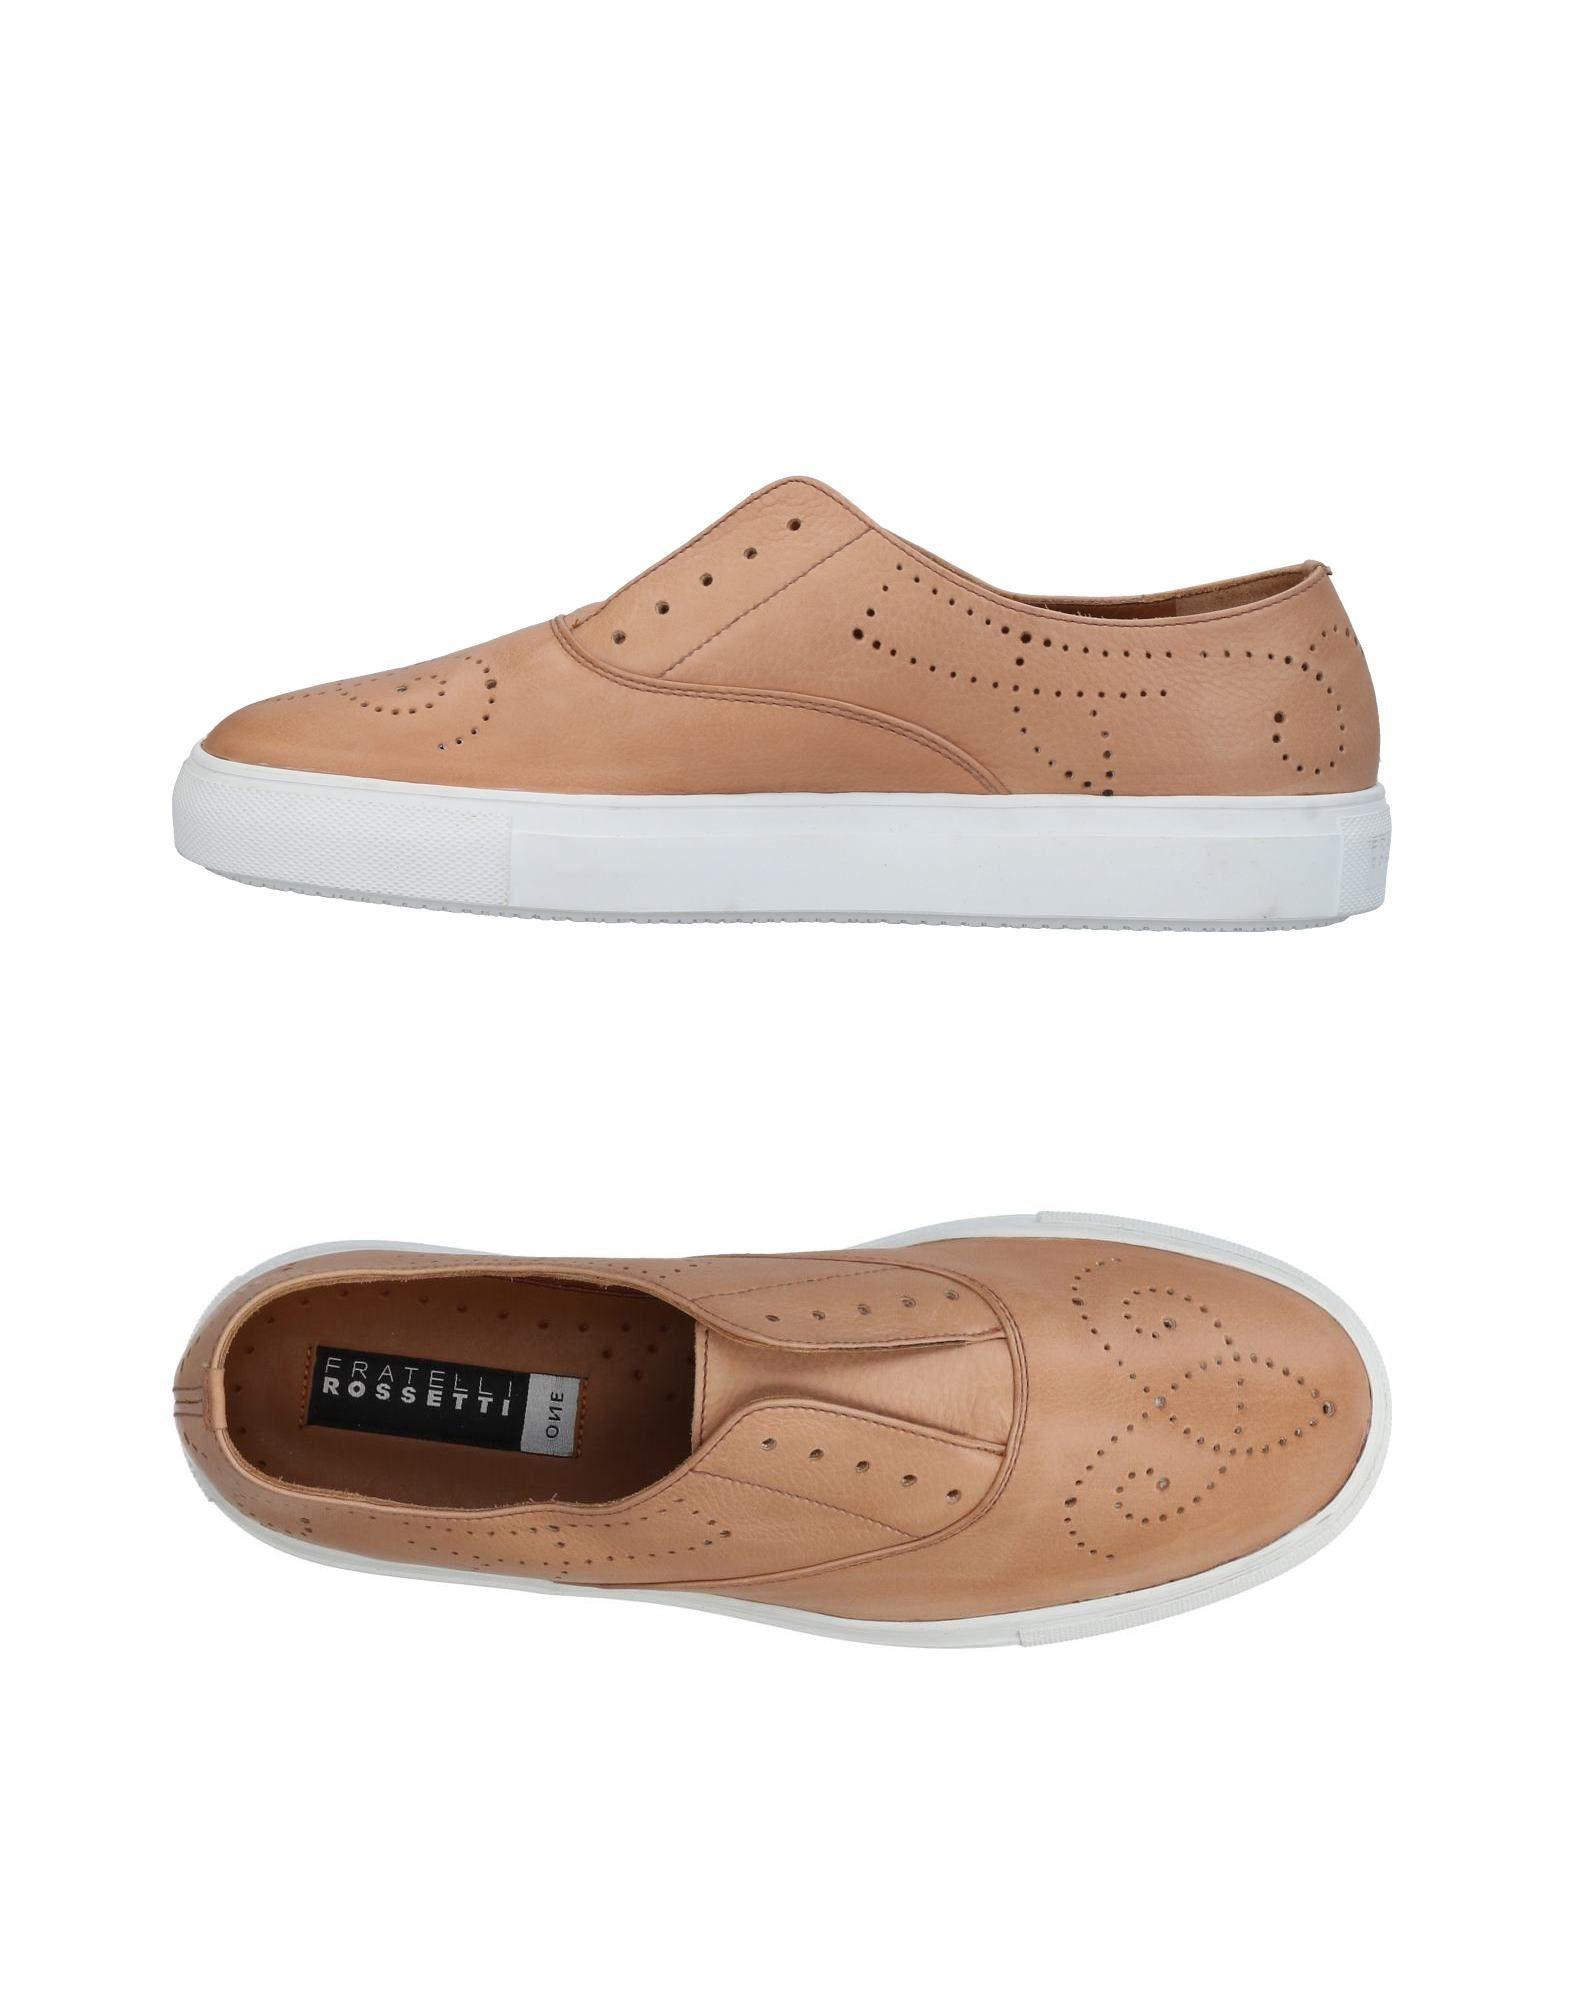 Sneakers Fratelli Rossetti Homme - Sneakers Fratelli Rossetti  Sable Les chaussures les plus populaires pour les hommes et les femmes